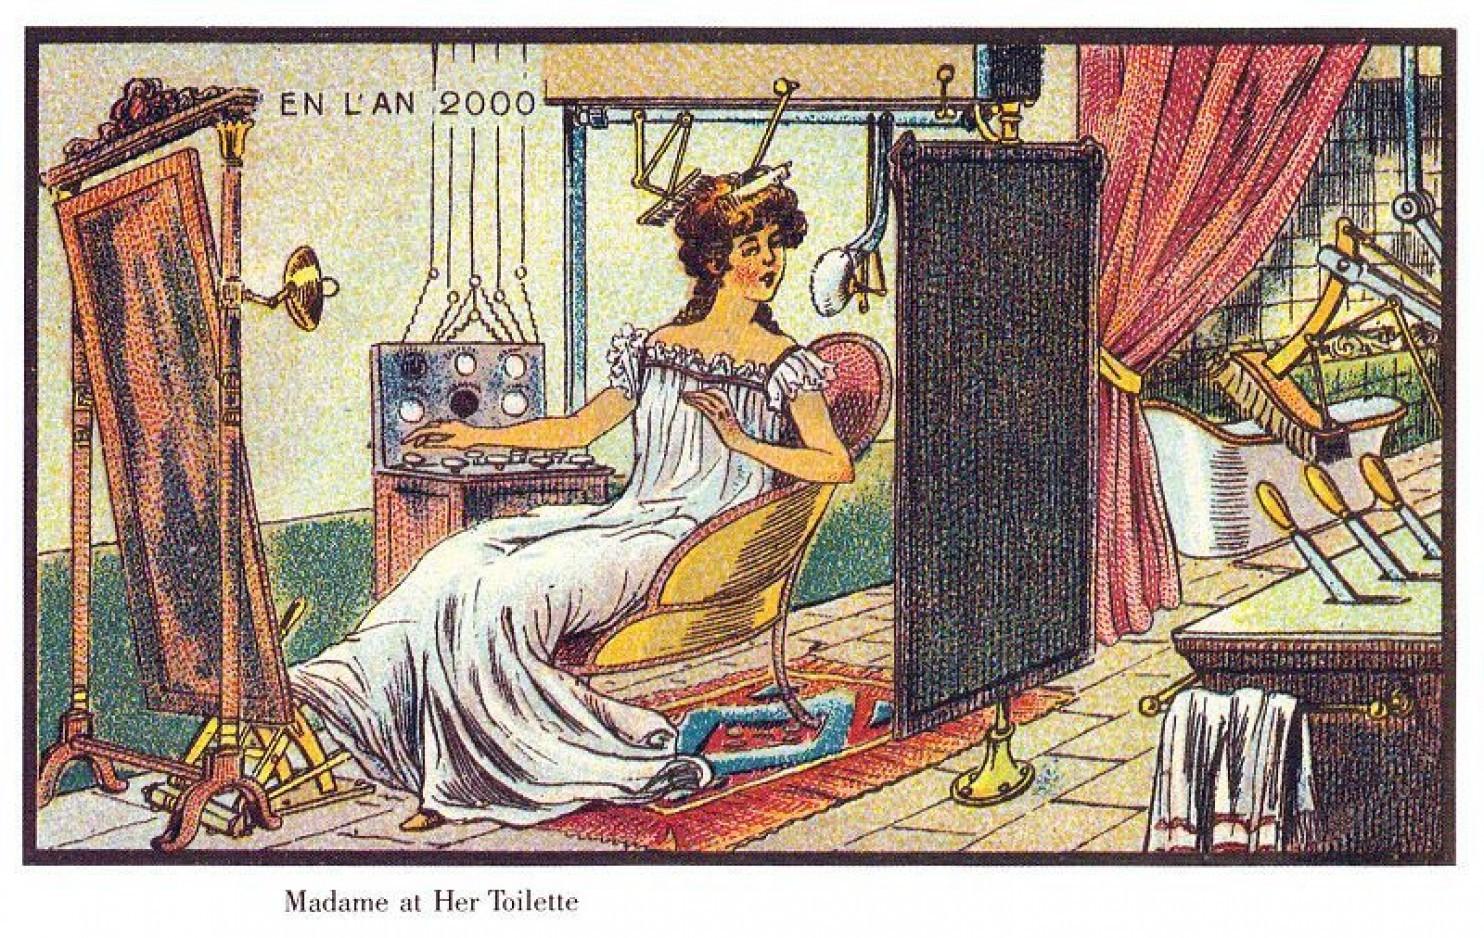 como imaginaban el futuro en 1900 ilustraciones 6